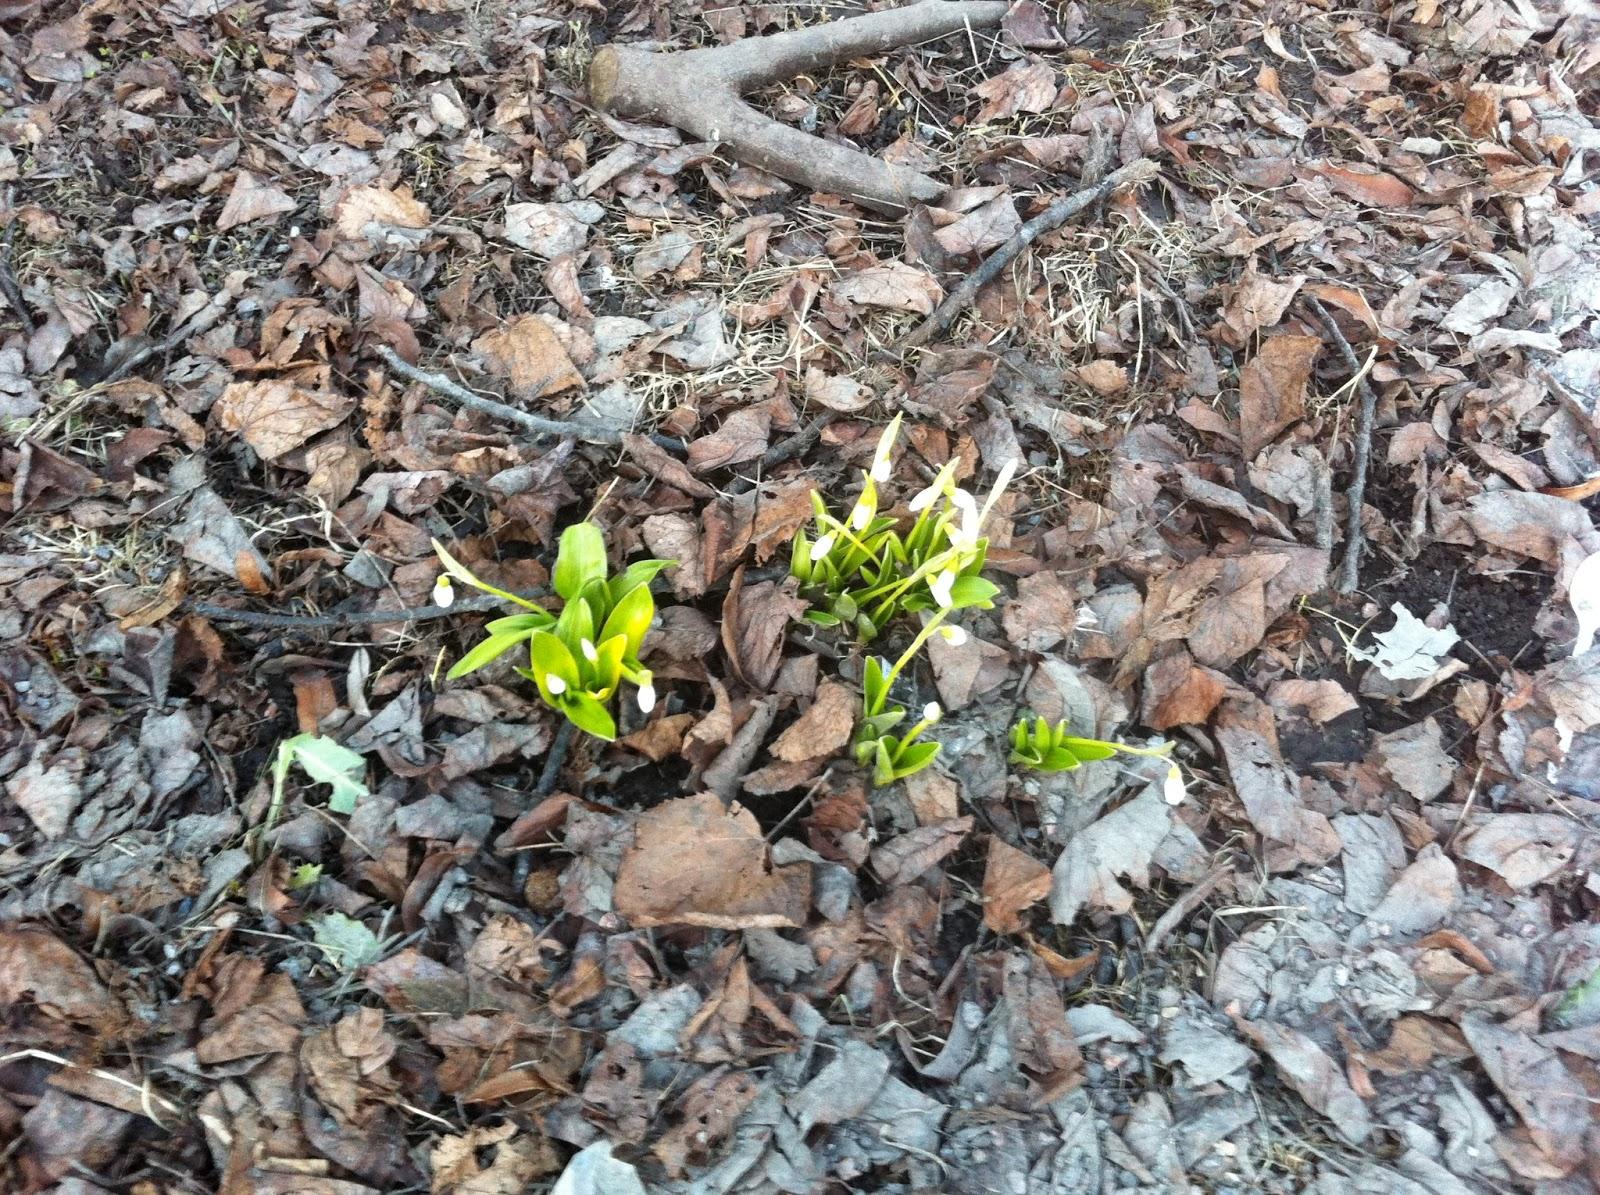 Kevät on tullut Helsinkiin – It's finally spring here in Helsinki